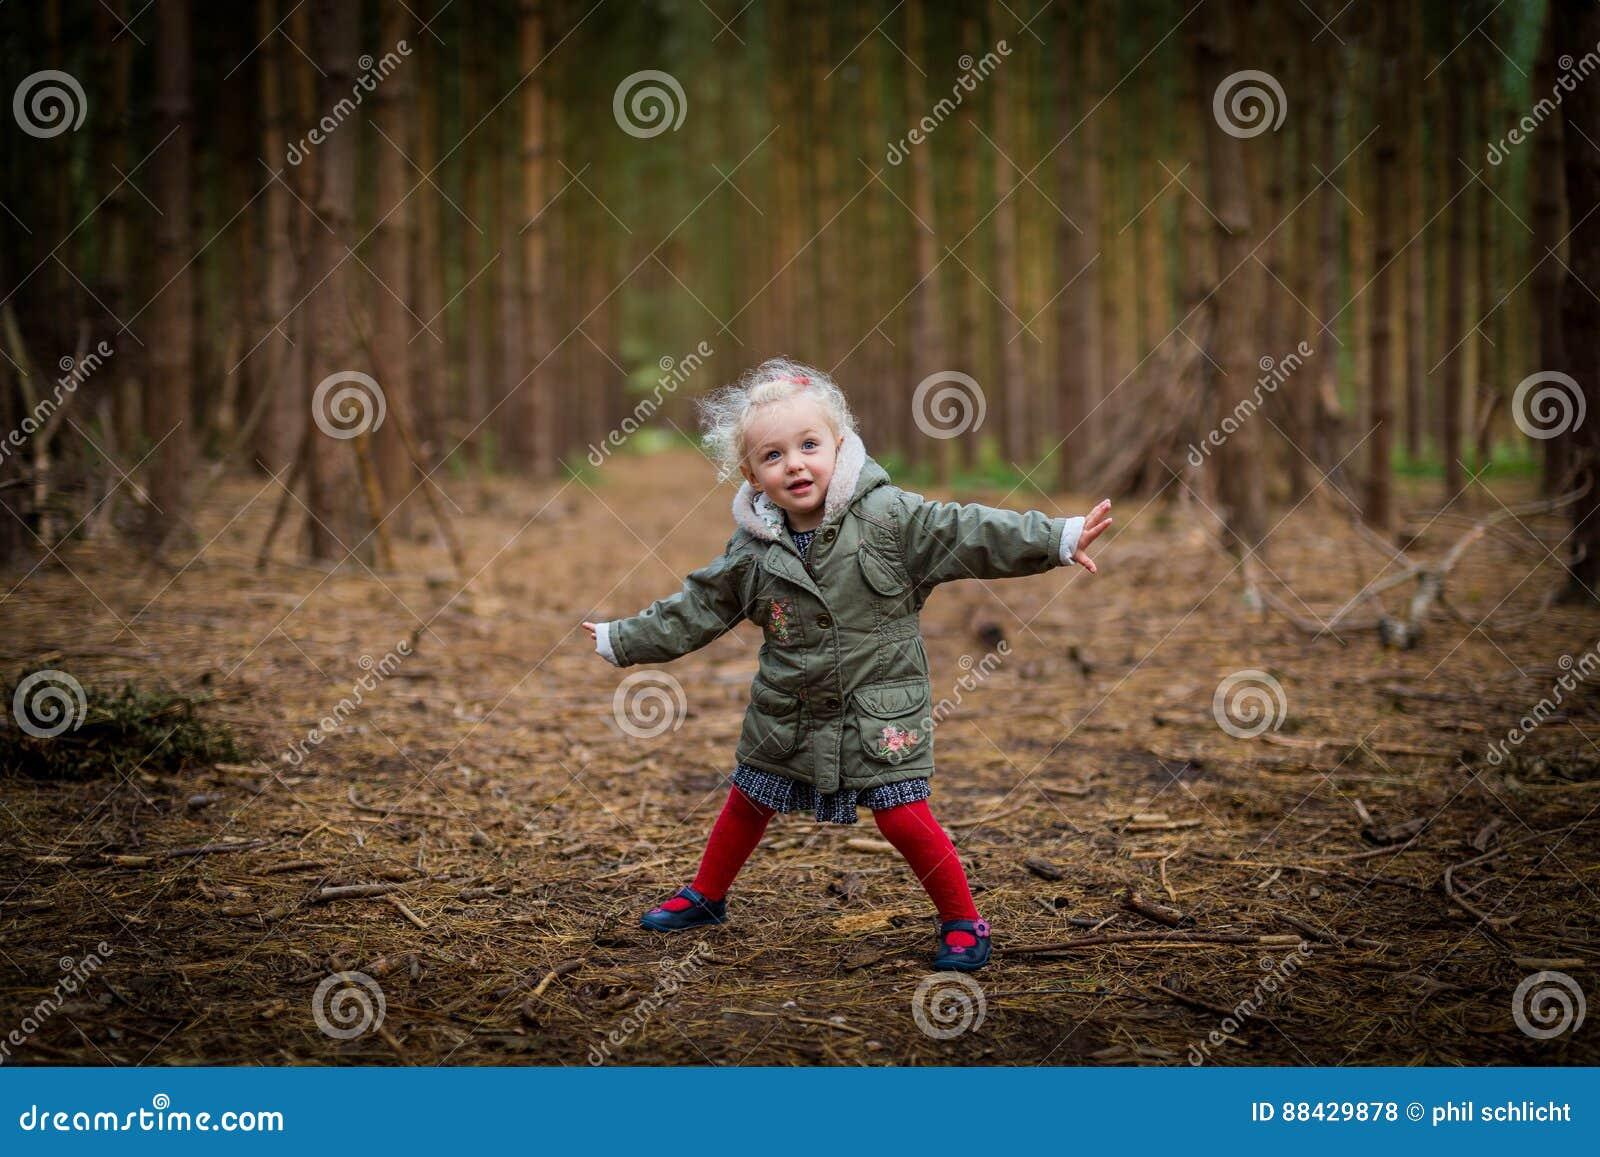 Παιχνίδι νέων κοριτσιών το φθινόπωρο/την πτώση ξύλων